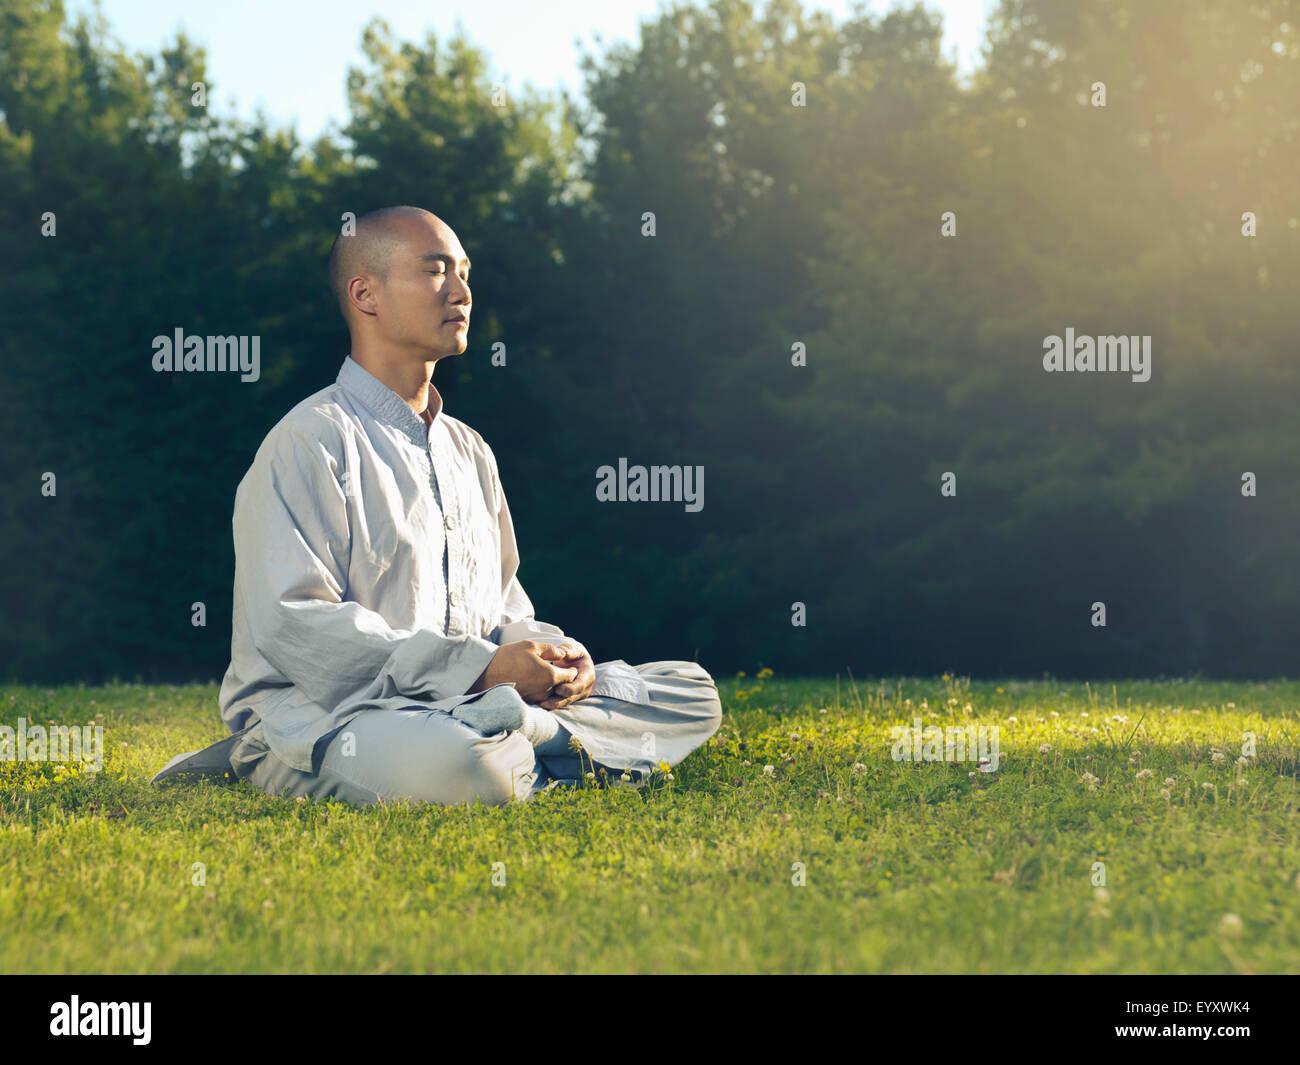 Moine Shaolin méditer en plein air dans la nature au lever du soleil, assis sur l'herbe dans la lumière du soleil Banque D'Images